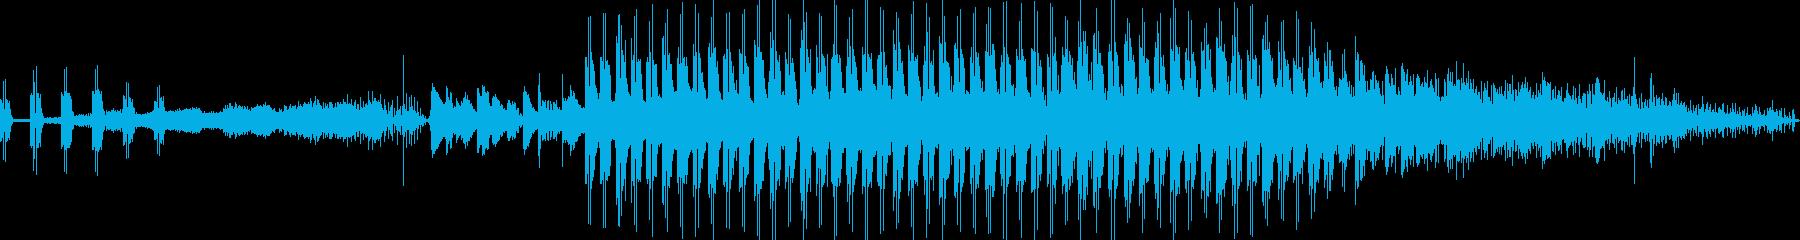 イージーリスニング、背景、前景、テ...の再生済みの波形